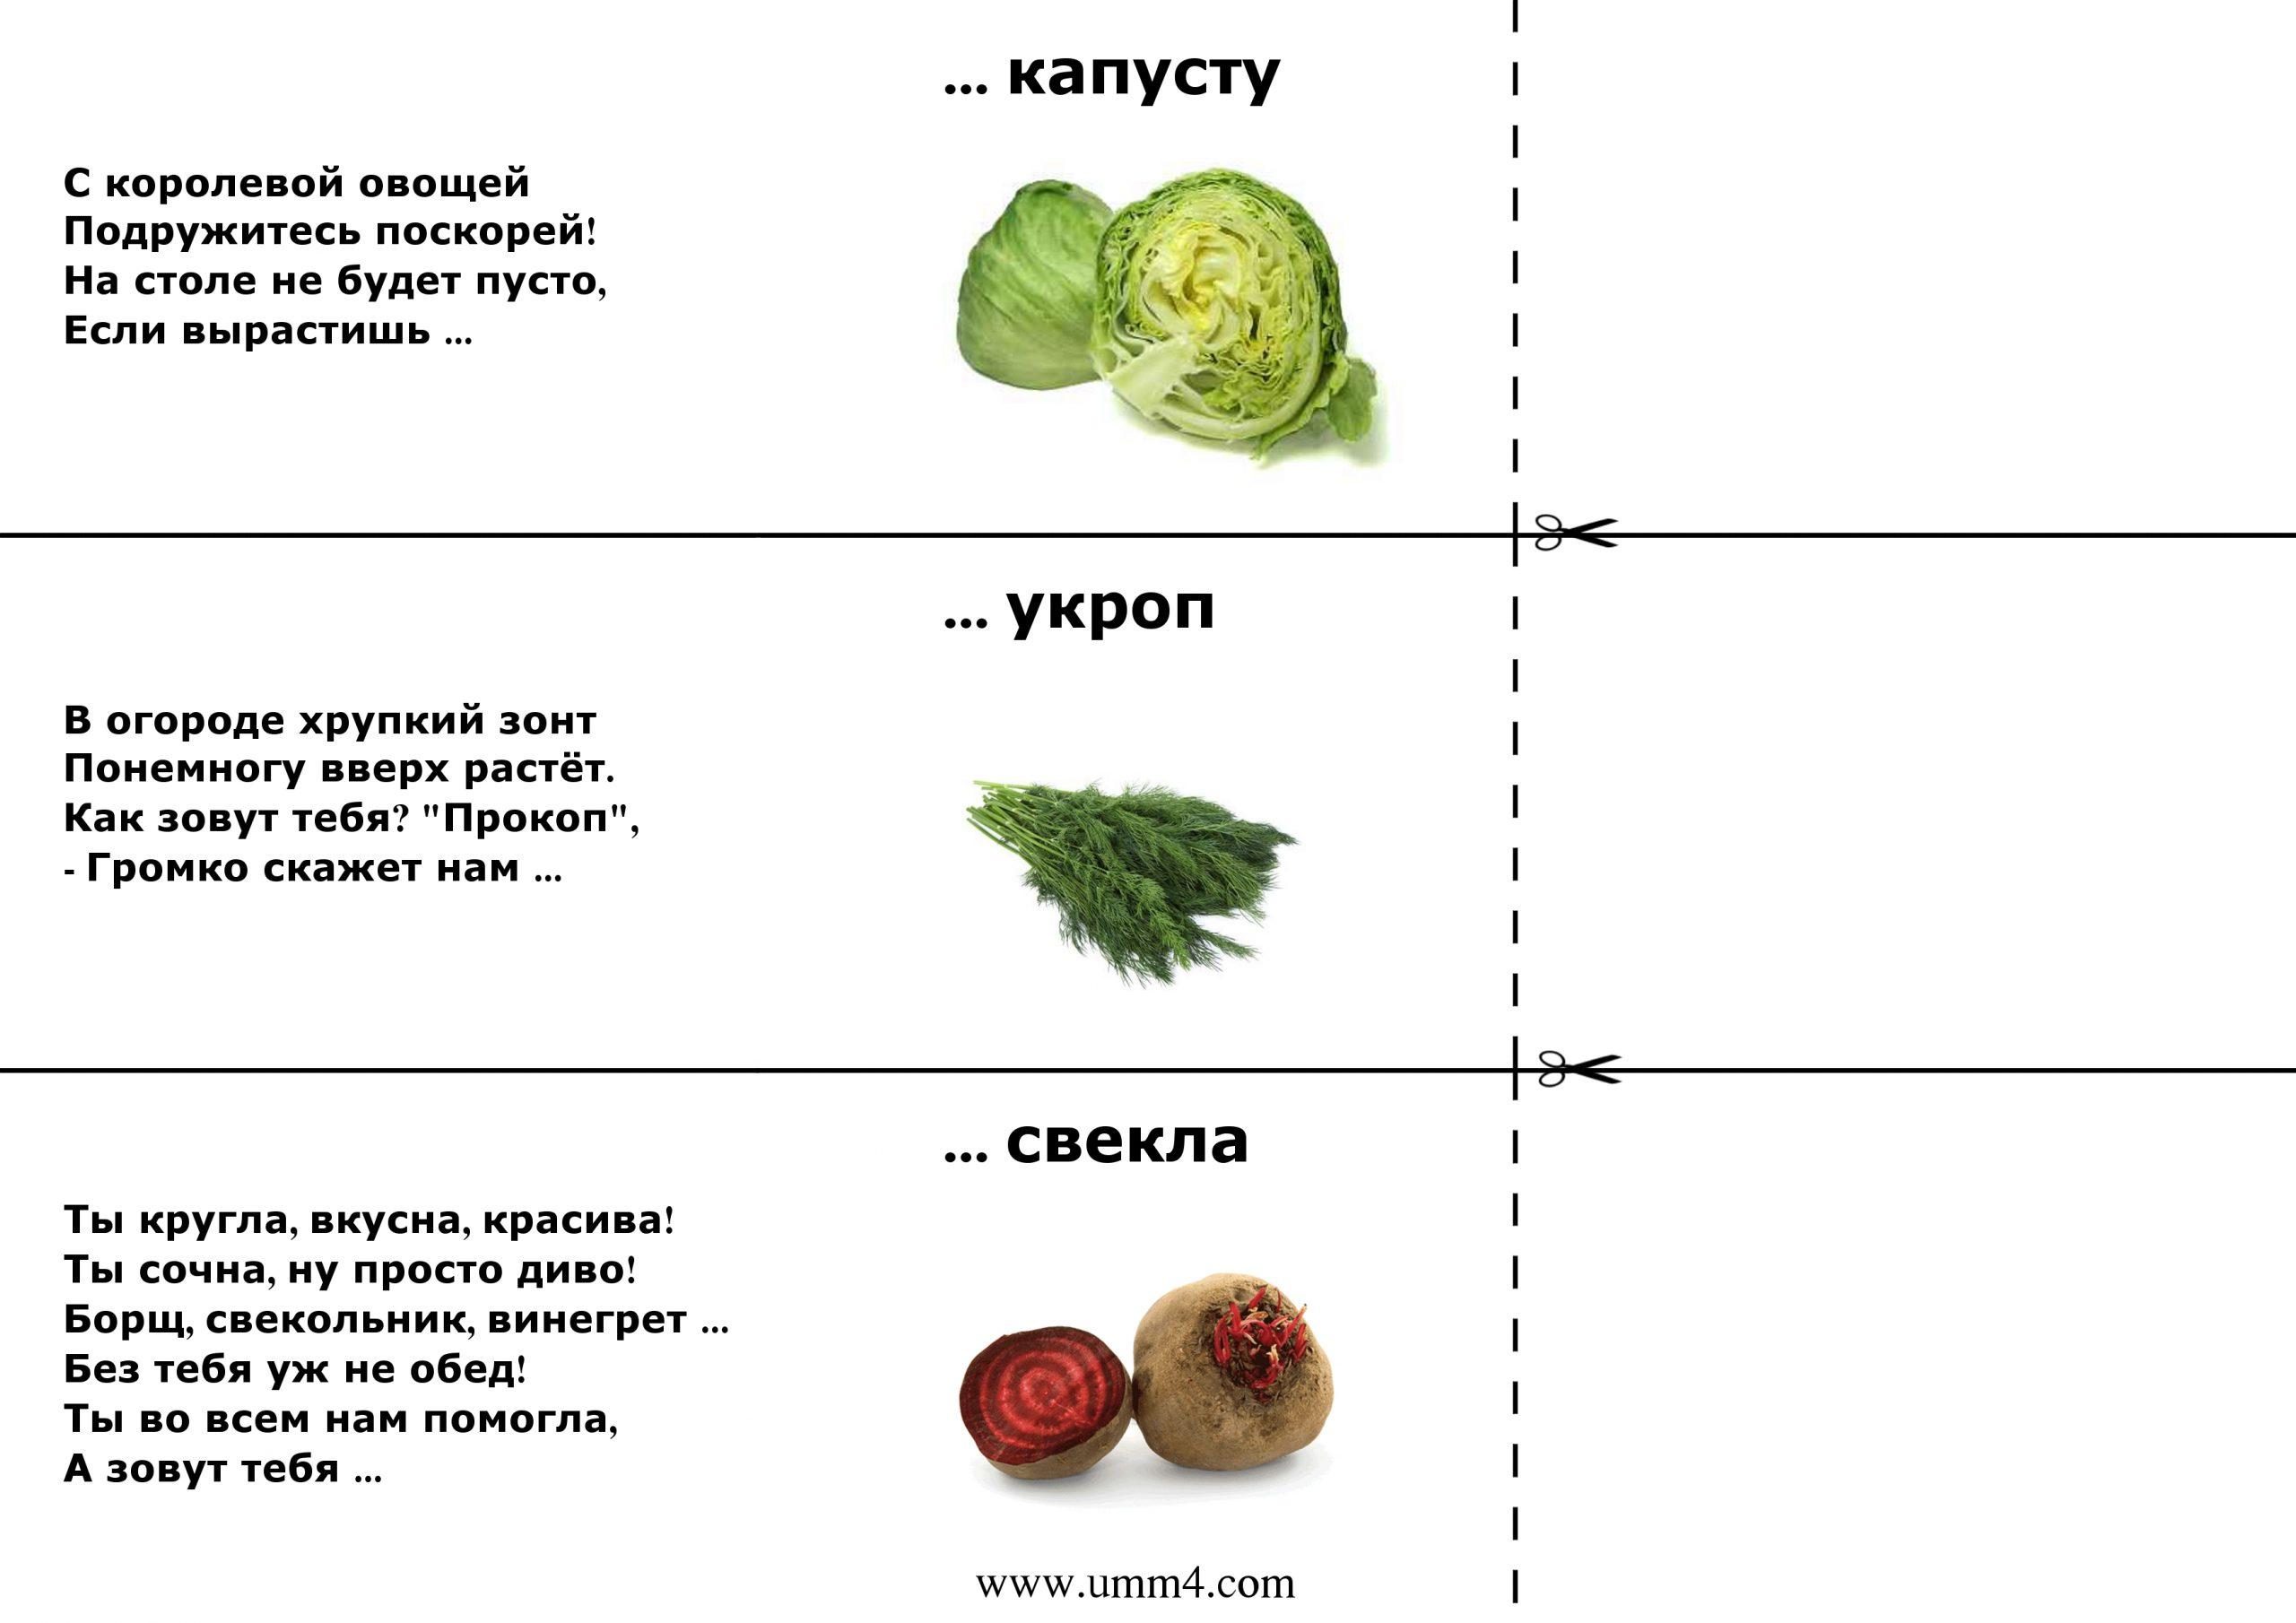 Загадки про растения для детей с ответами